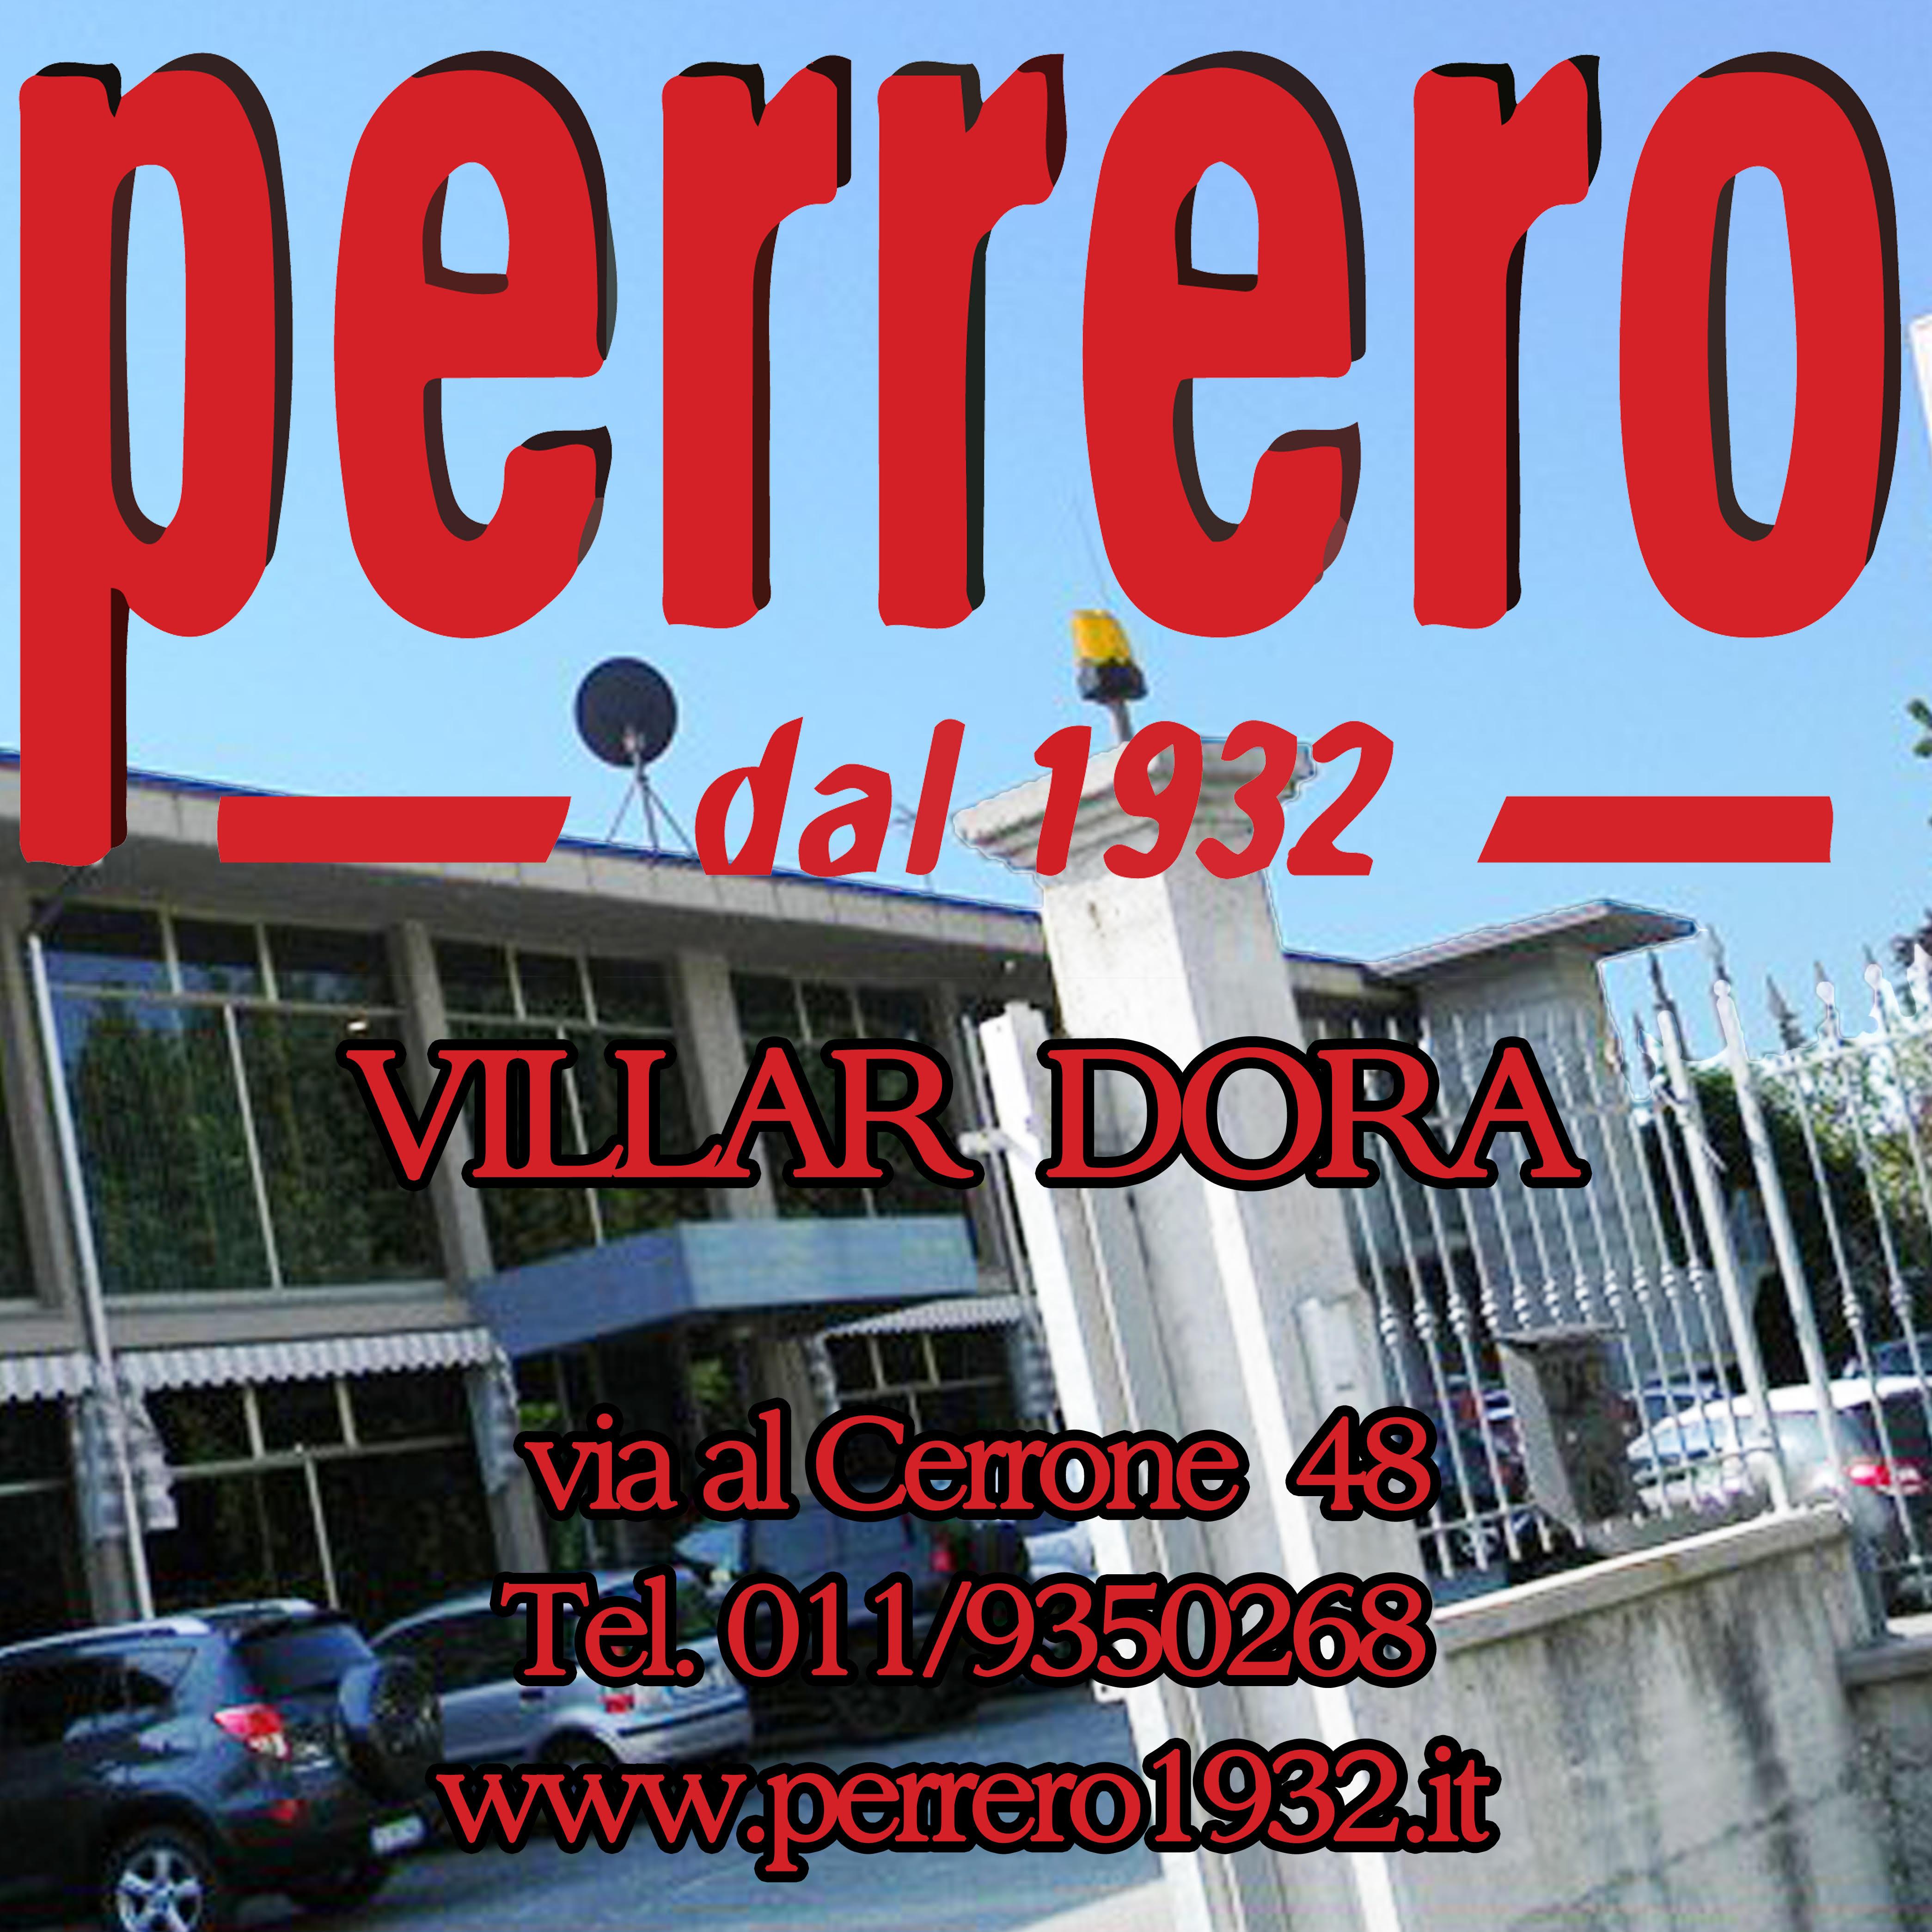 PERRERO OK